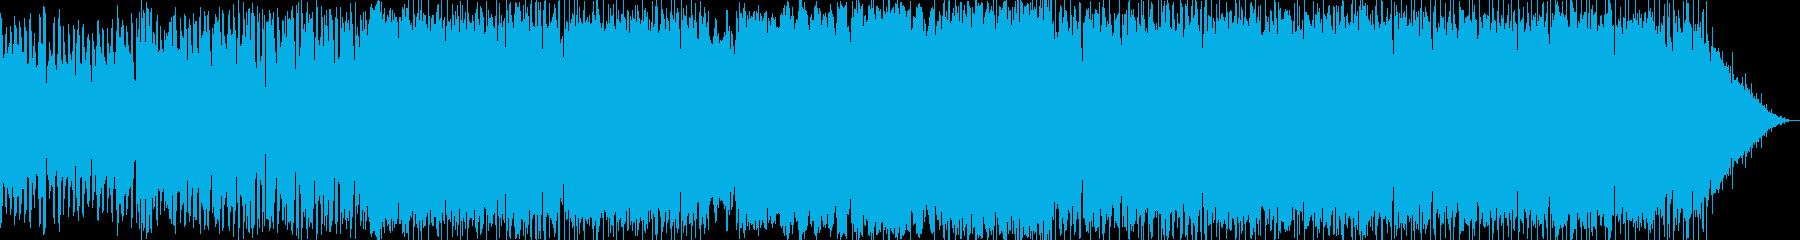 クラリネットで癒やしの時間をの再生済みの波形